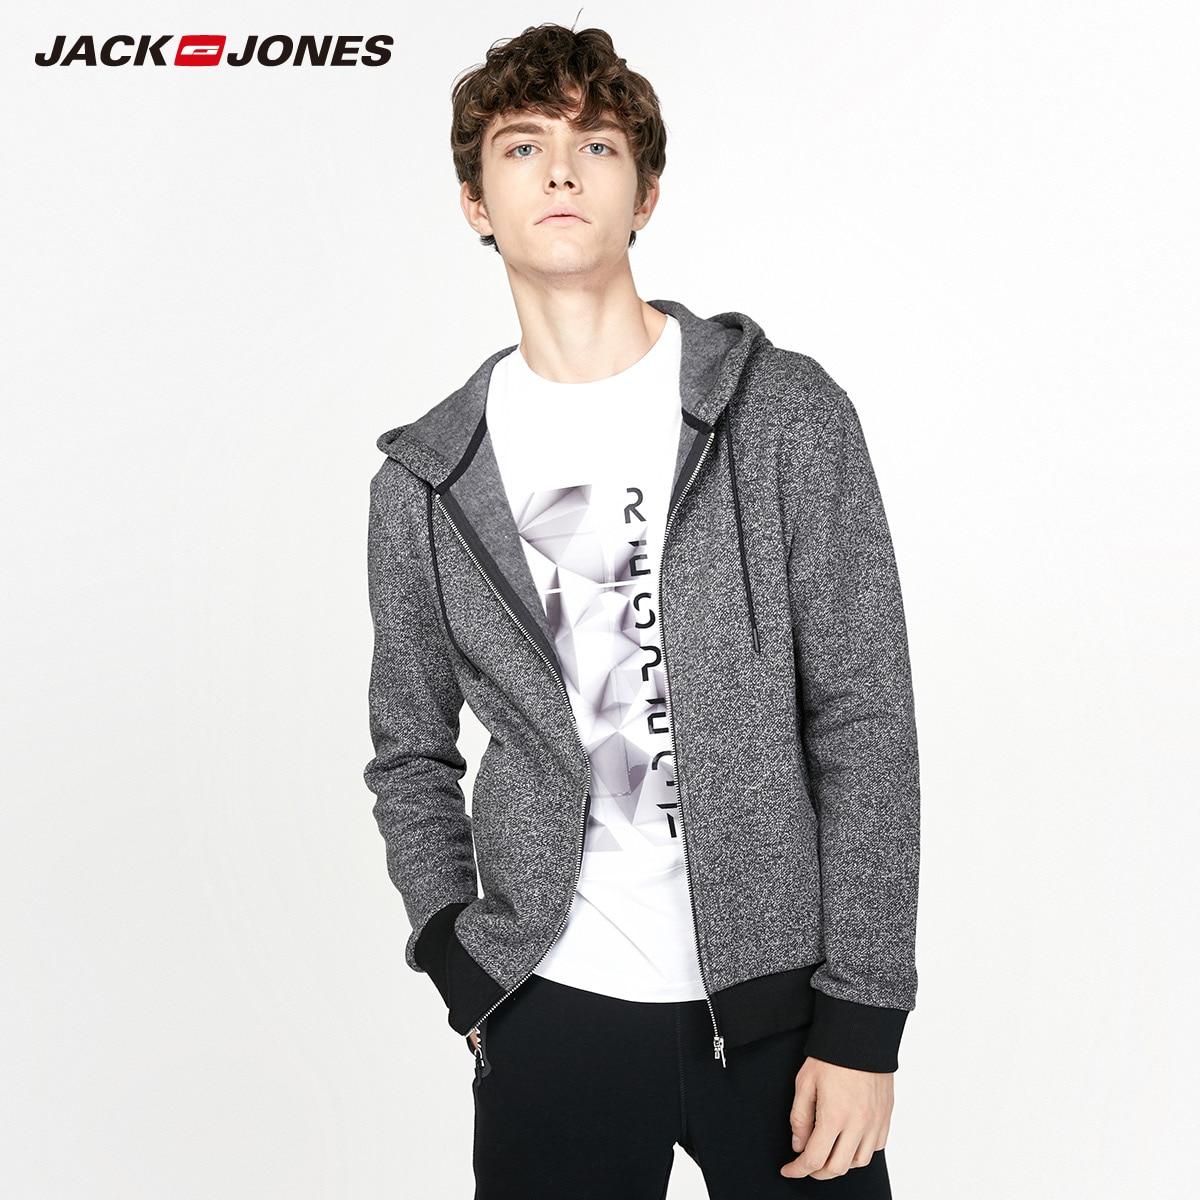 JackJones hombres chaqueta de Sudadera con capucha chaqueta de lana de los hombres sudaderas con capucha prendas de vestir exteriores 2019 marca nueva moda ropa 218333517